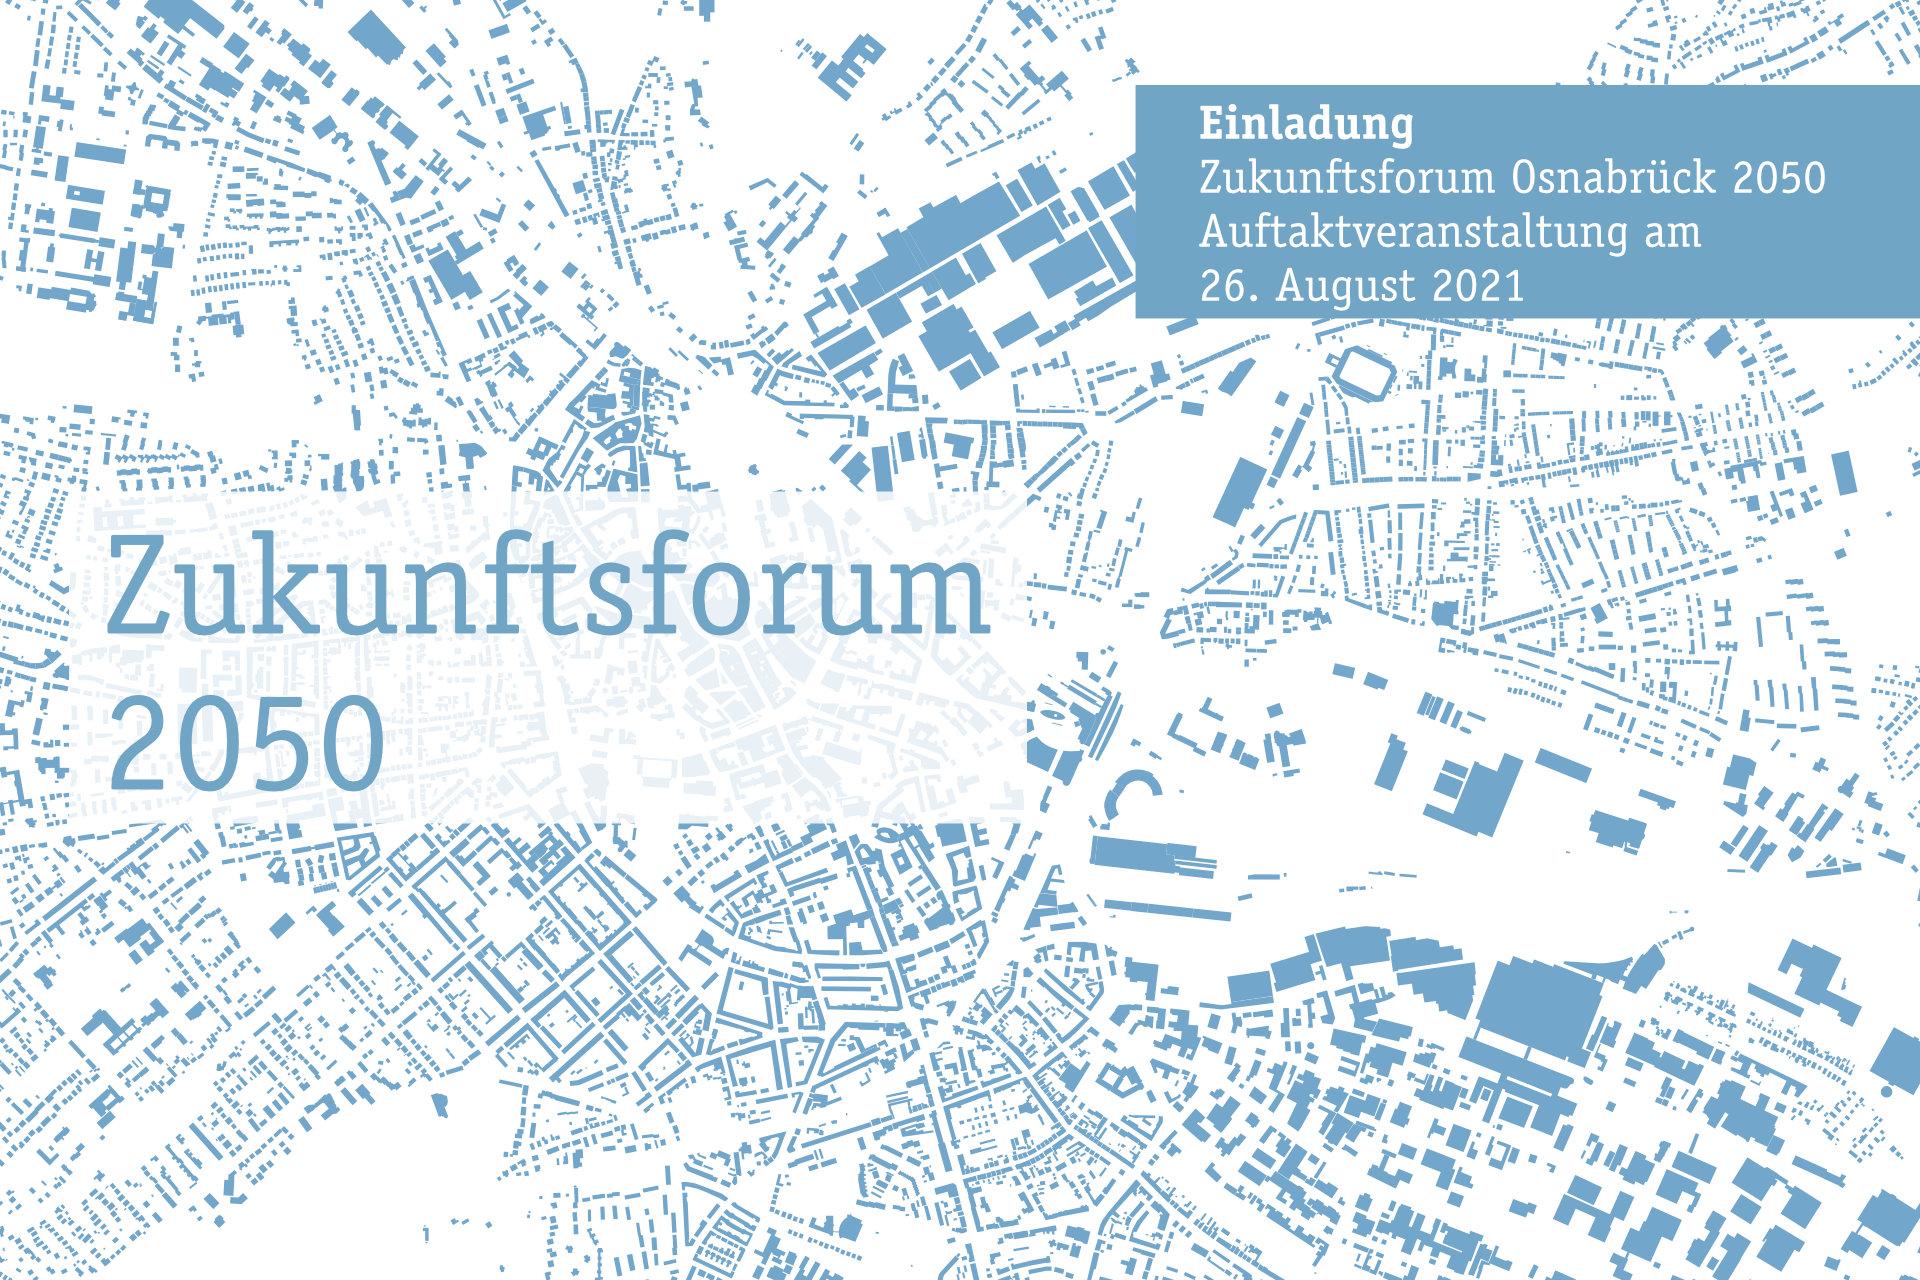 Zukunftsforum Osnabrück 2050